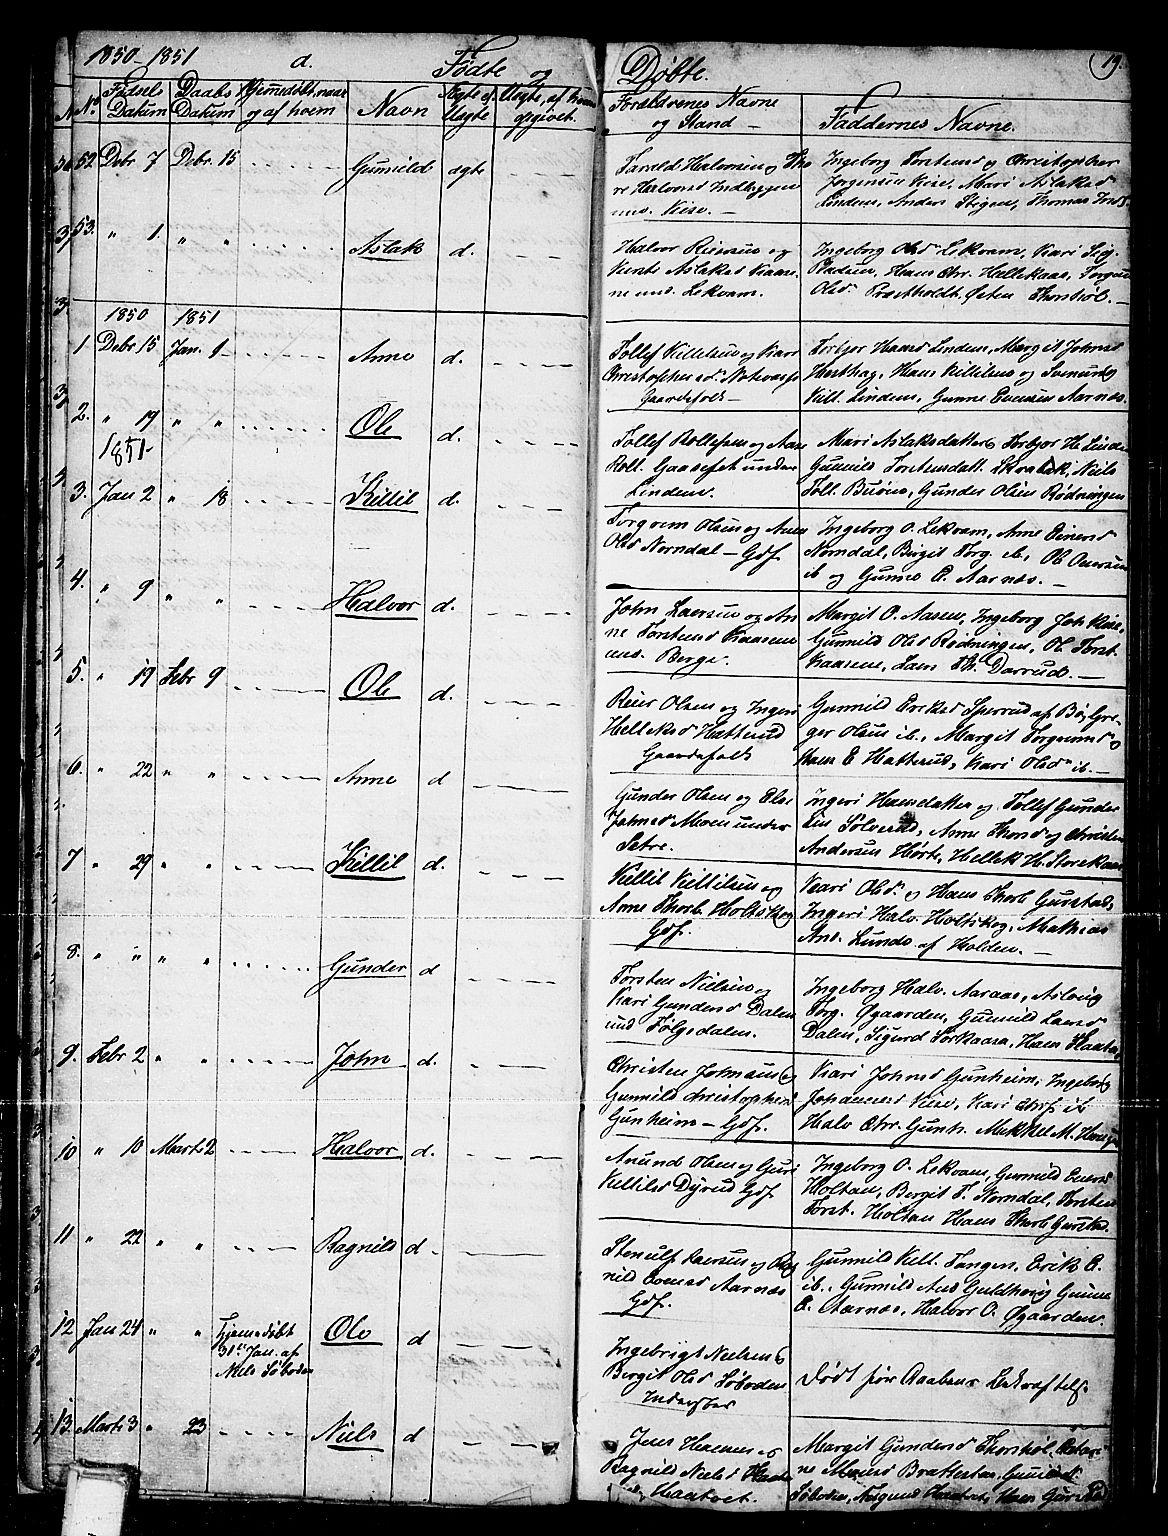 SAKO, Sauherad kirkebøker, G/Gb/L0001: Klokkerbok nr. II 1, 1845-1865, s. 19